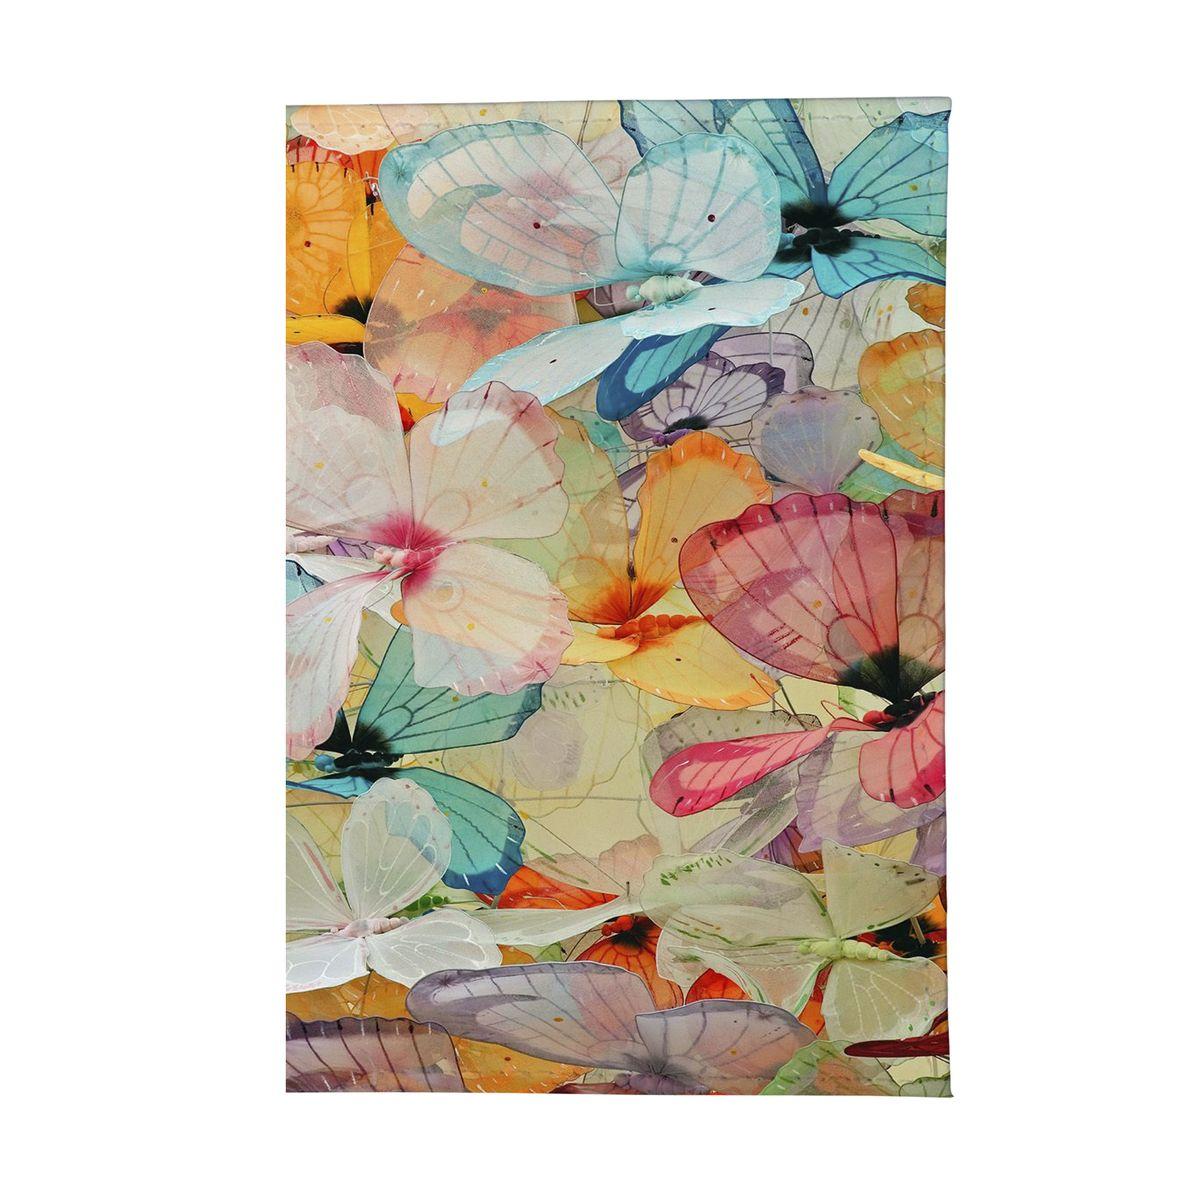 Обложка для автодокументов женская Mitya Veselkov Цветные бабочки. AUTOZAM165VCA-00Стильная обложка для автодокументов Mitya Veselkov Цветные бабочки изготовлена из ПВХ и оформлена интересным принтом. Внутри изделия расположен съемный блок для документов, включающий в себя шесть прозрачных файлов.